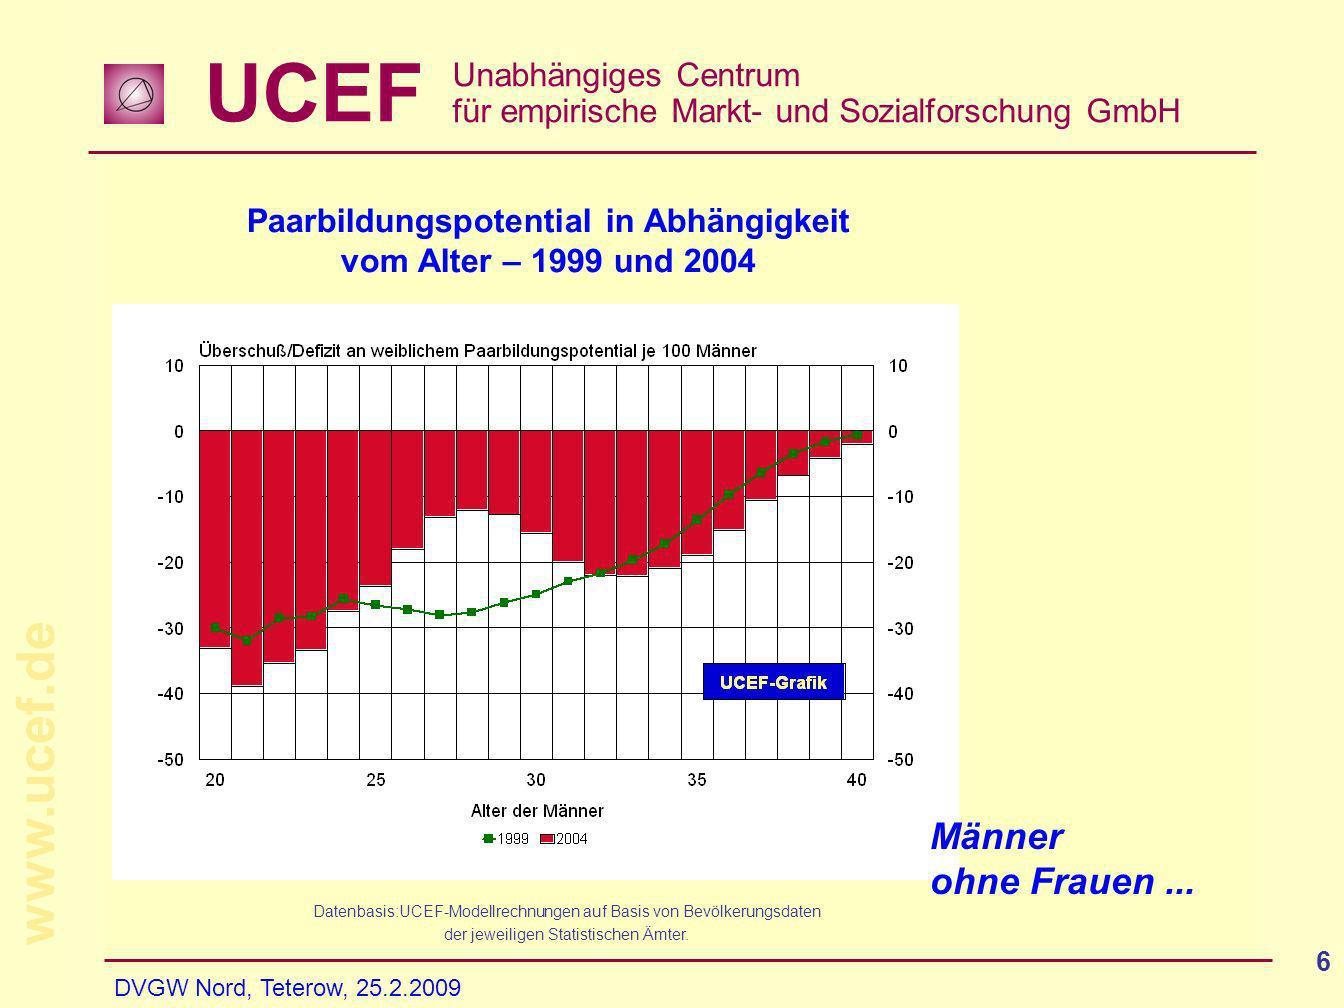 UCEF Unabhängiges Centrum für empirische Markt- und Sozialforschung GmbH www.ucef.de DVGW Nord, Teterow, 25.2.2009 6 Männer ohne Frauen... Datenbasis: